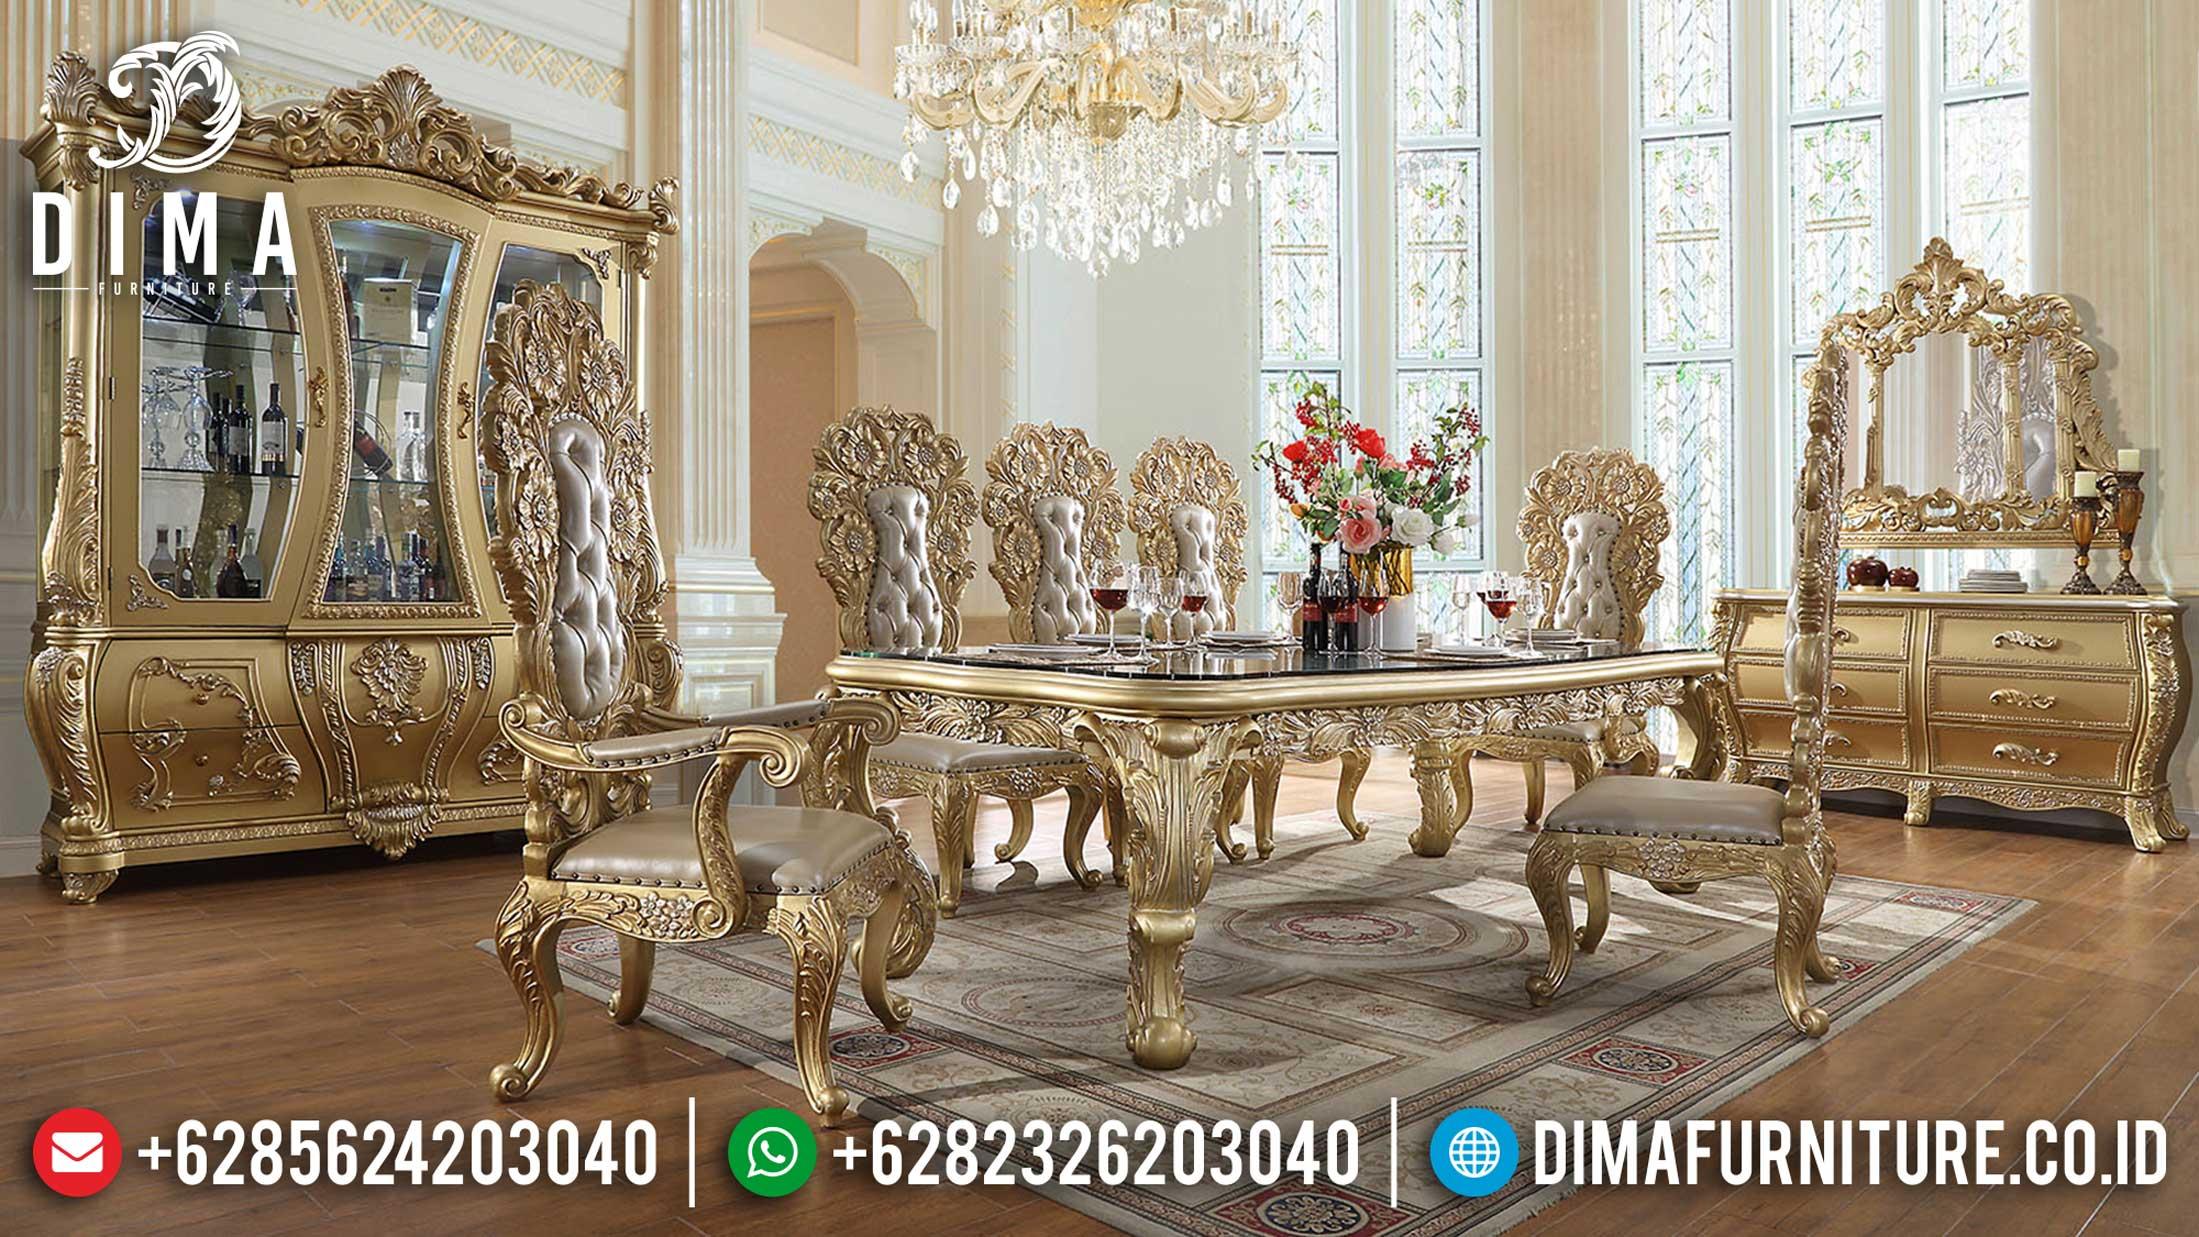 New Meja Makan Mewah Jepara Classic Luxury Carving Furniture Jepara Mm-0749